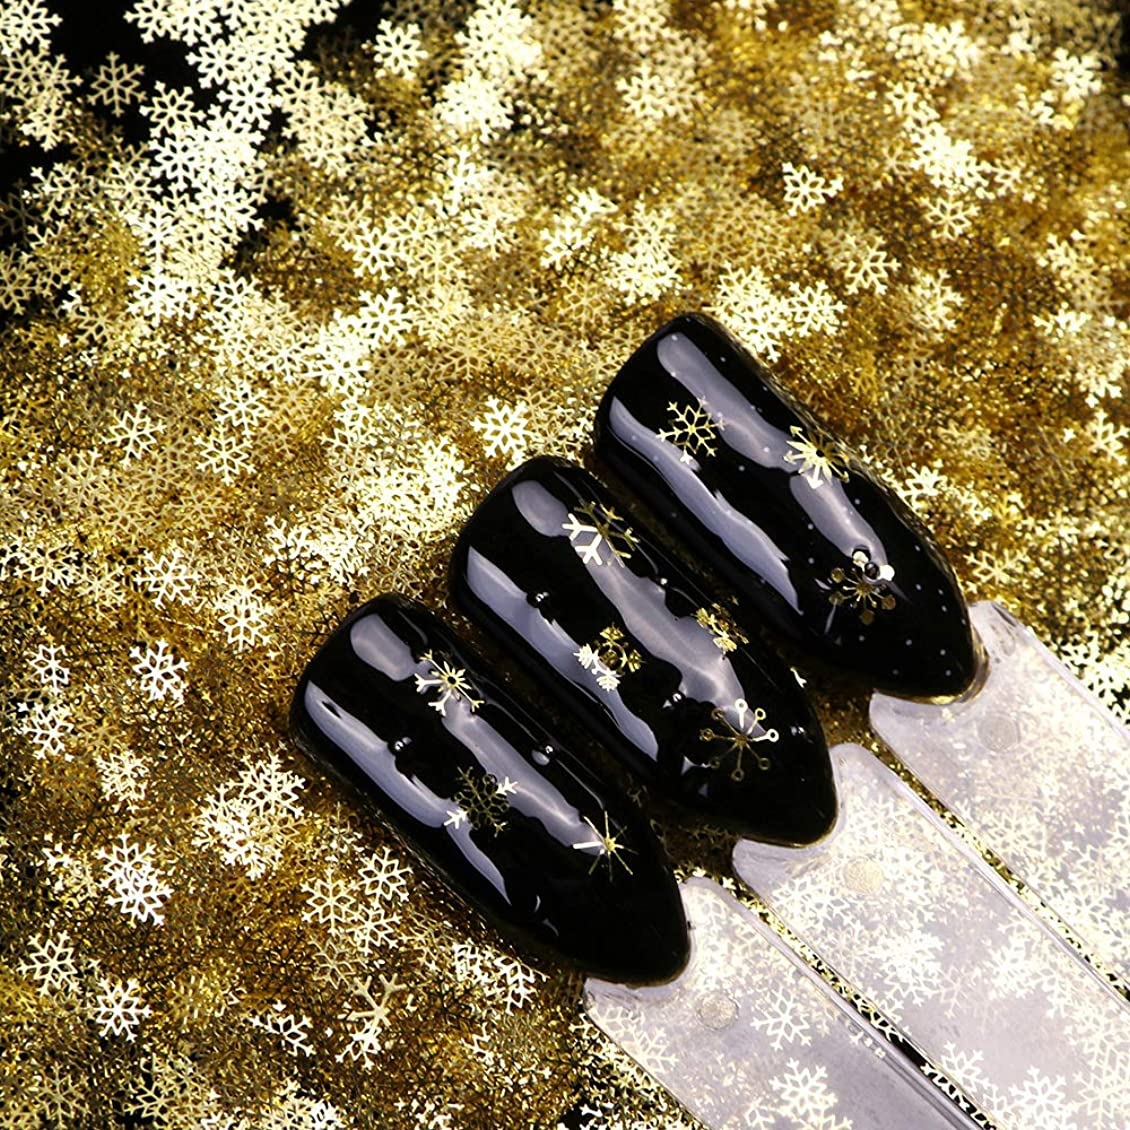 表示ストレスの多い縞模様の雪の結晶メタルパーツ 9種セット 約90粒 冬ネイル 雪花 クリスマス  ネイルパーツネイルデコレーションジェルネイル ネイルアート